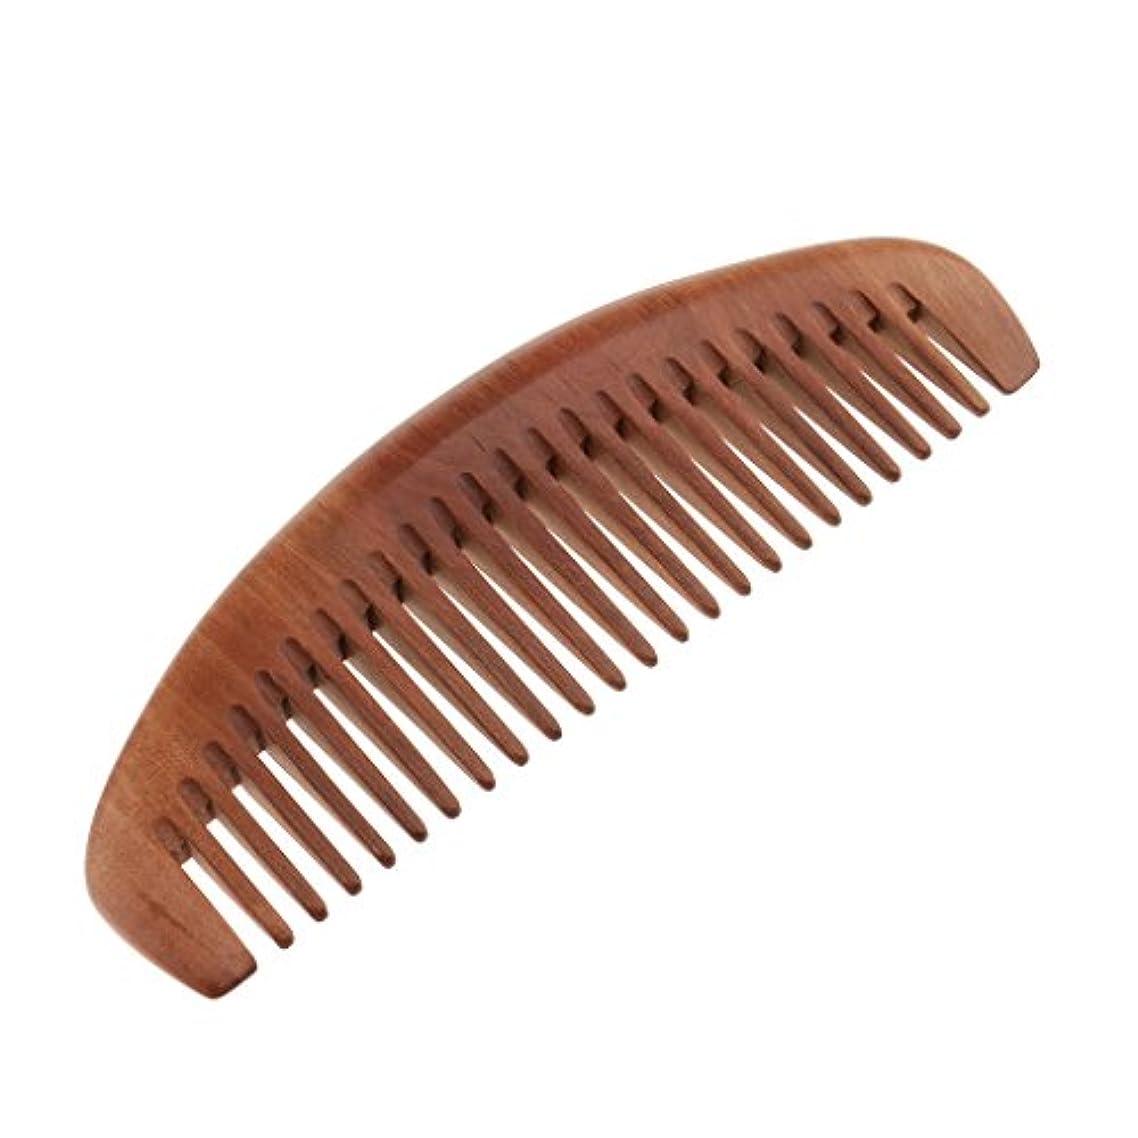 整理するコンデンサー変化するナチュラル ブラシ ウッドヘアコーム ウッドワイドティースコーム 全2種 - ワイド歯